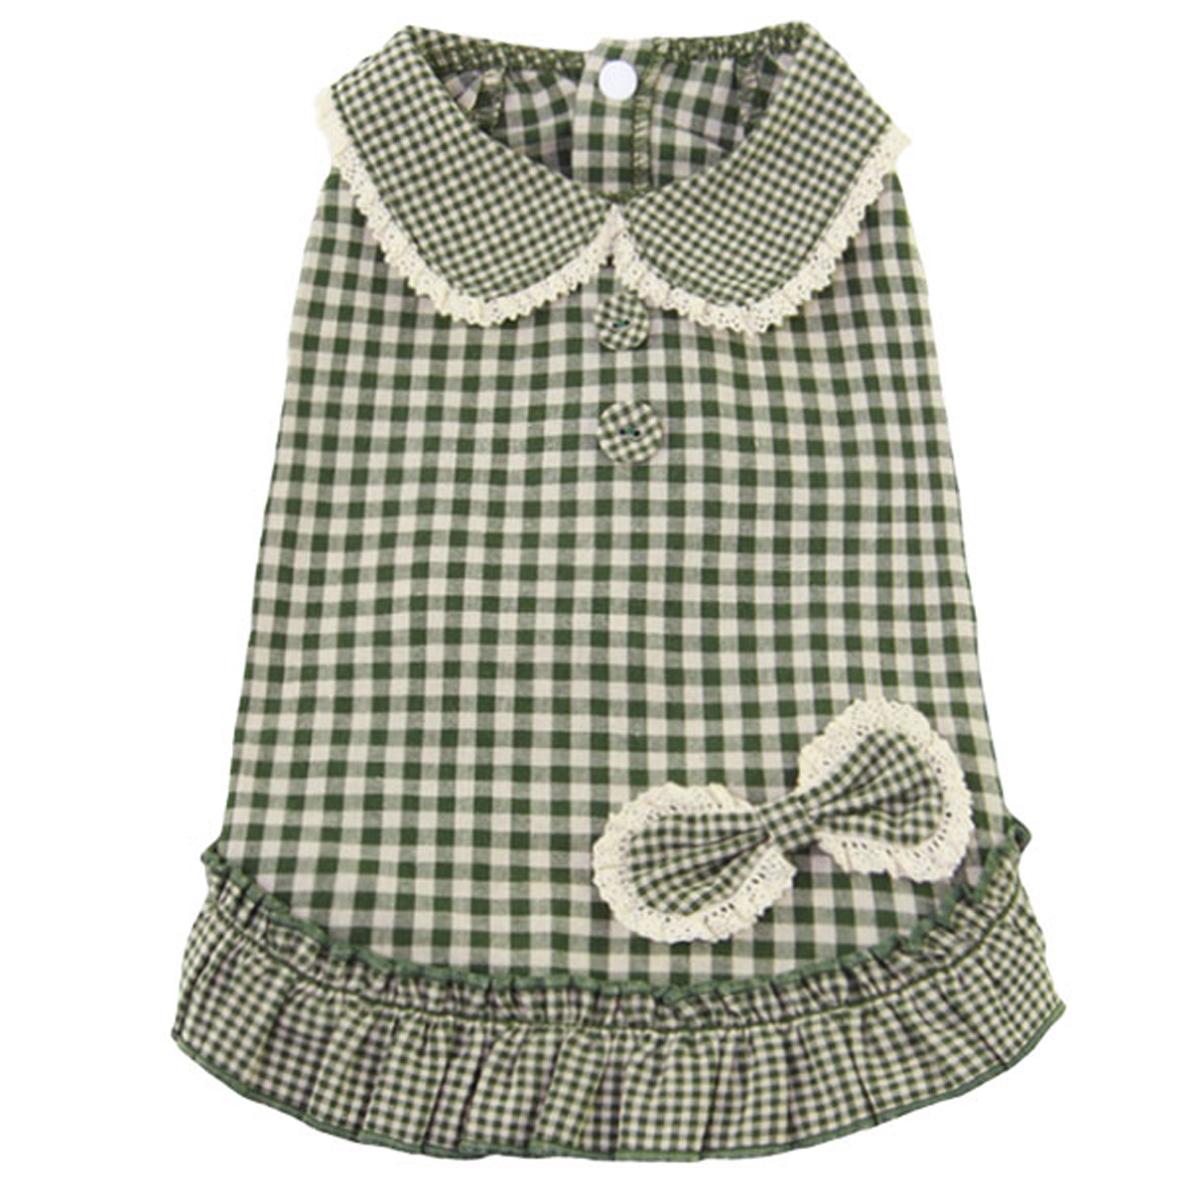 Dobaz Gingham Dog Dress - Green